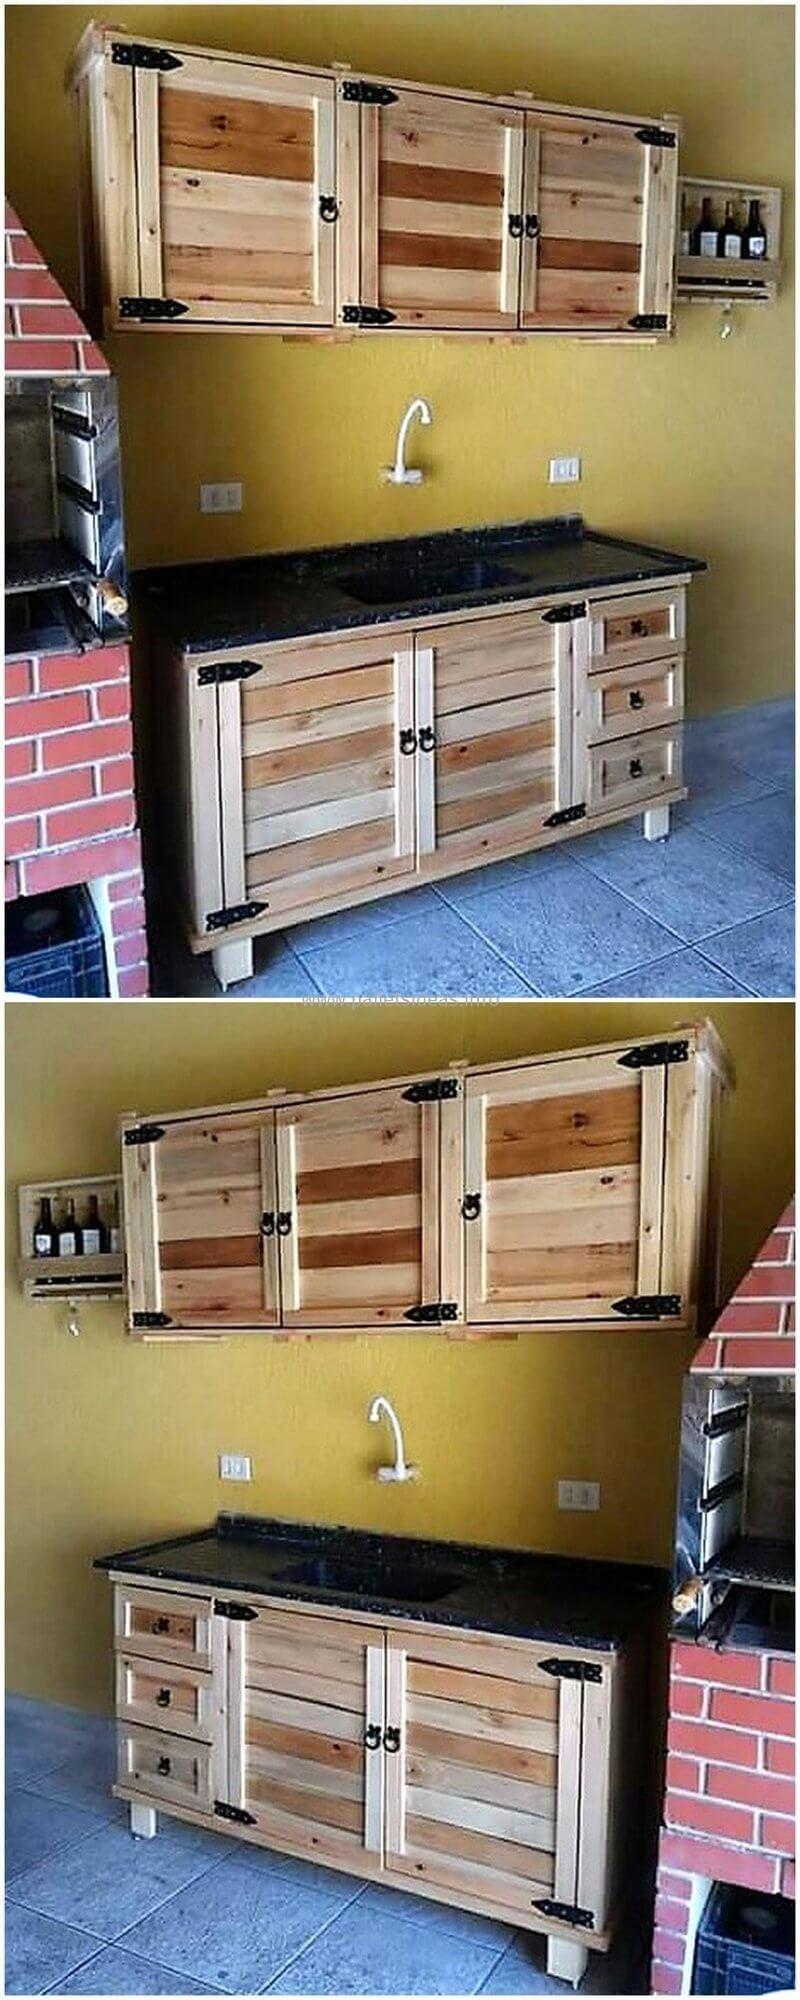 Simple Pallet Kitchen Plan Pallet Kitchen Diy Kitchen Cabinets Green Kitchen Cabinets